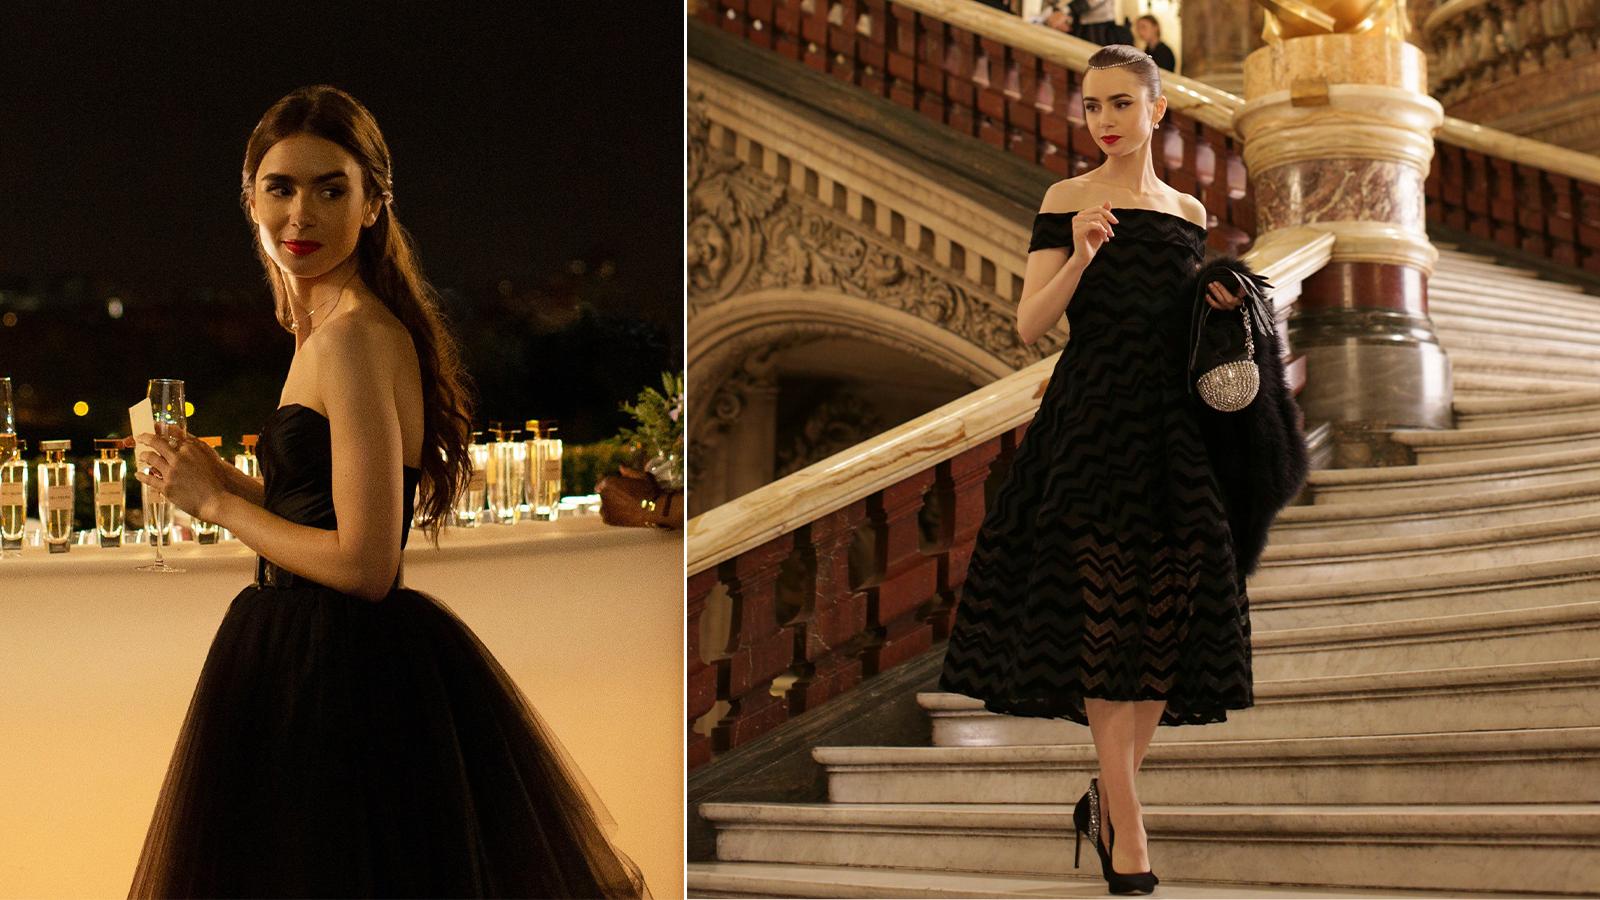 váy đi tiệc dress code trang trọng emily in paris